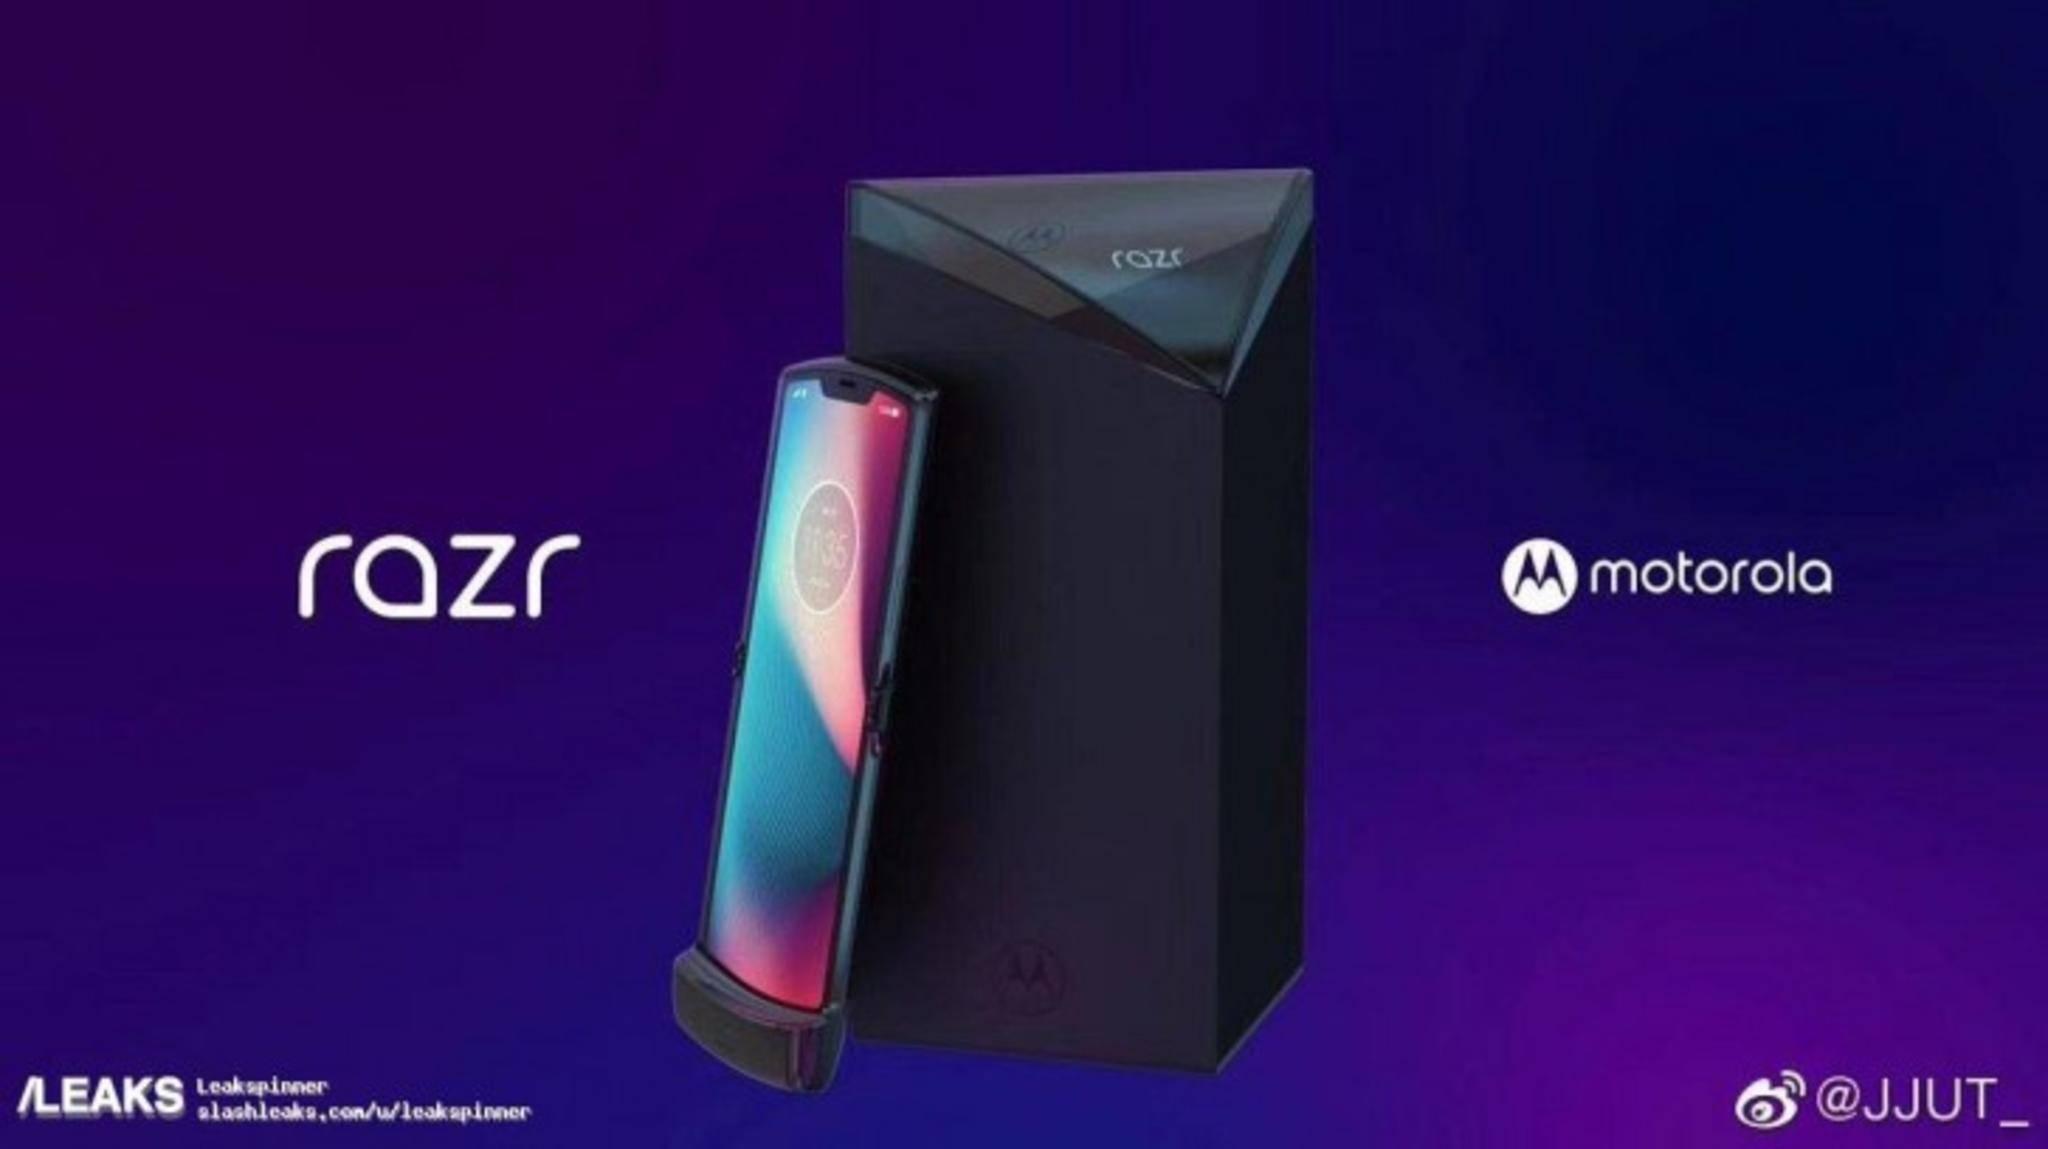 Das Motorola Razr V4 zeigt sich das erste Mal auf angeblichen Presserendern.